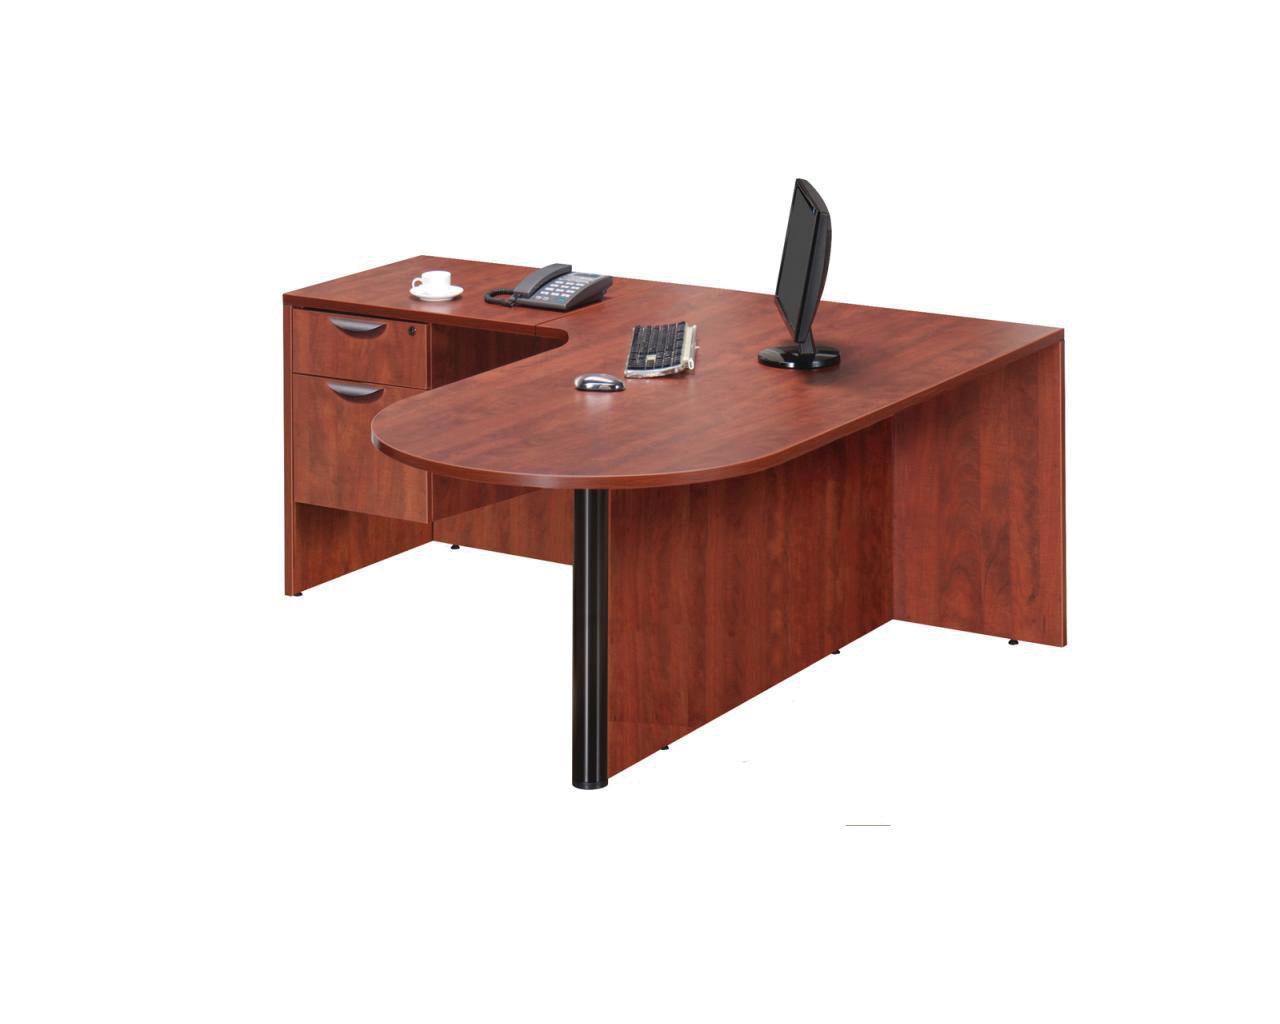 Bullet Desk Workstation with a 3/4 Box/File Pedestal